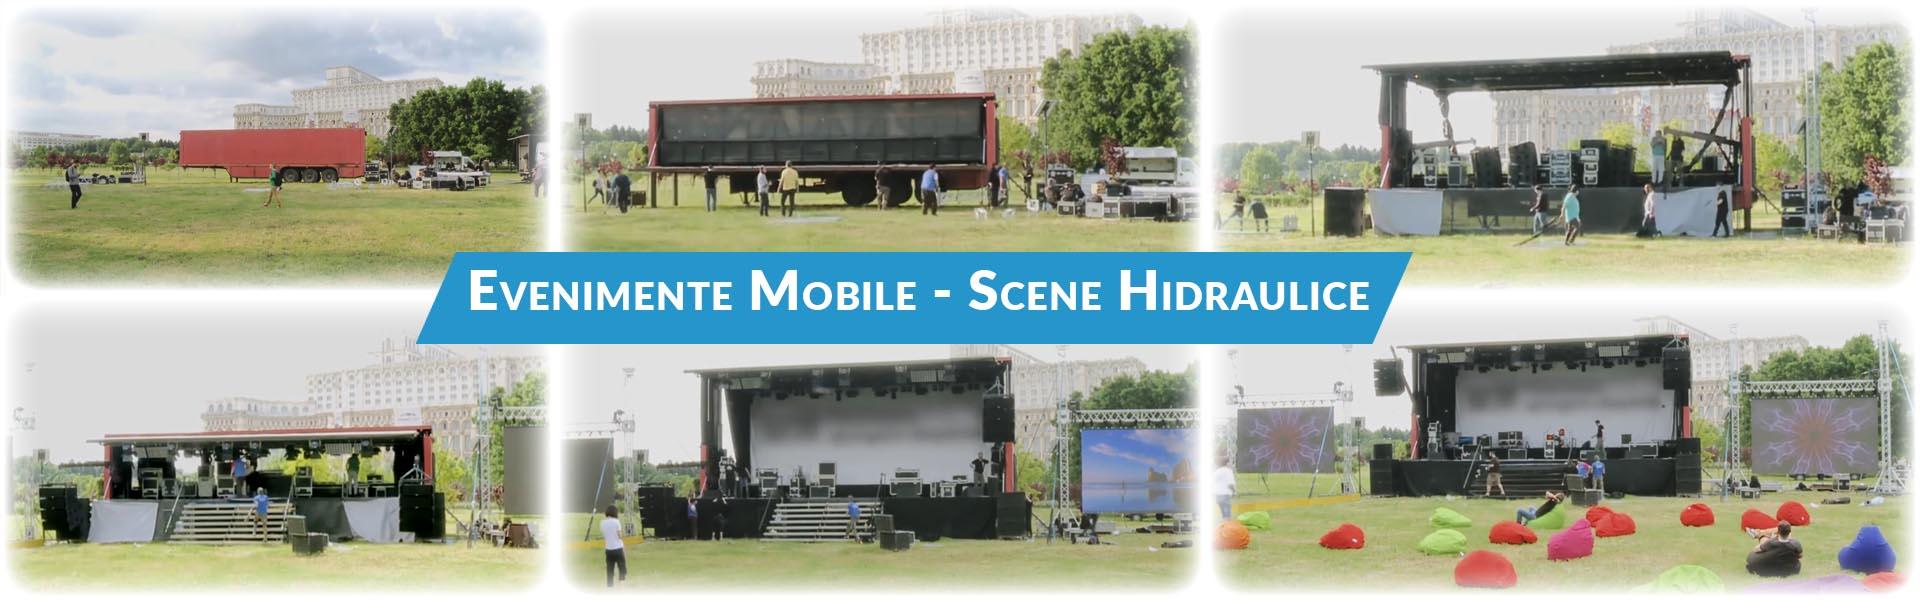 Inchiriere scena mobila 12 m, inchiriere led screen, sonorizare evenimente